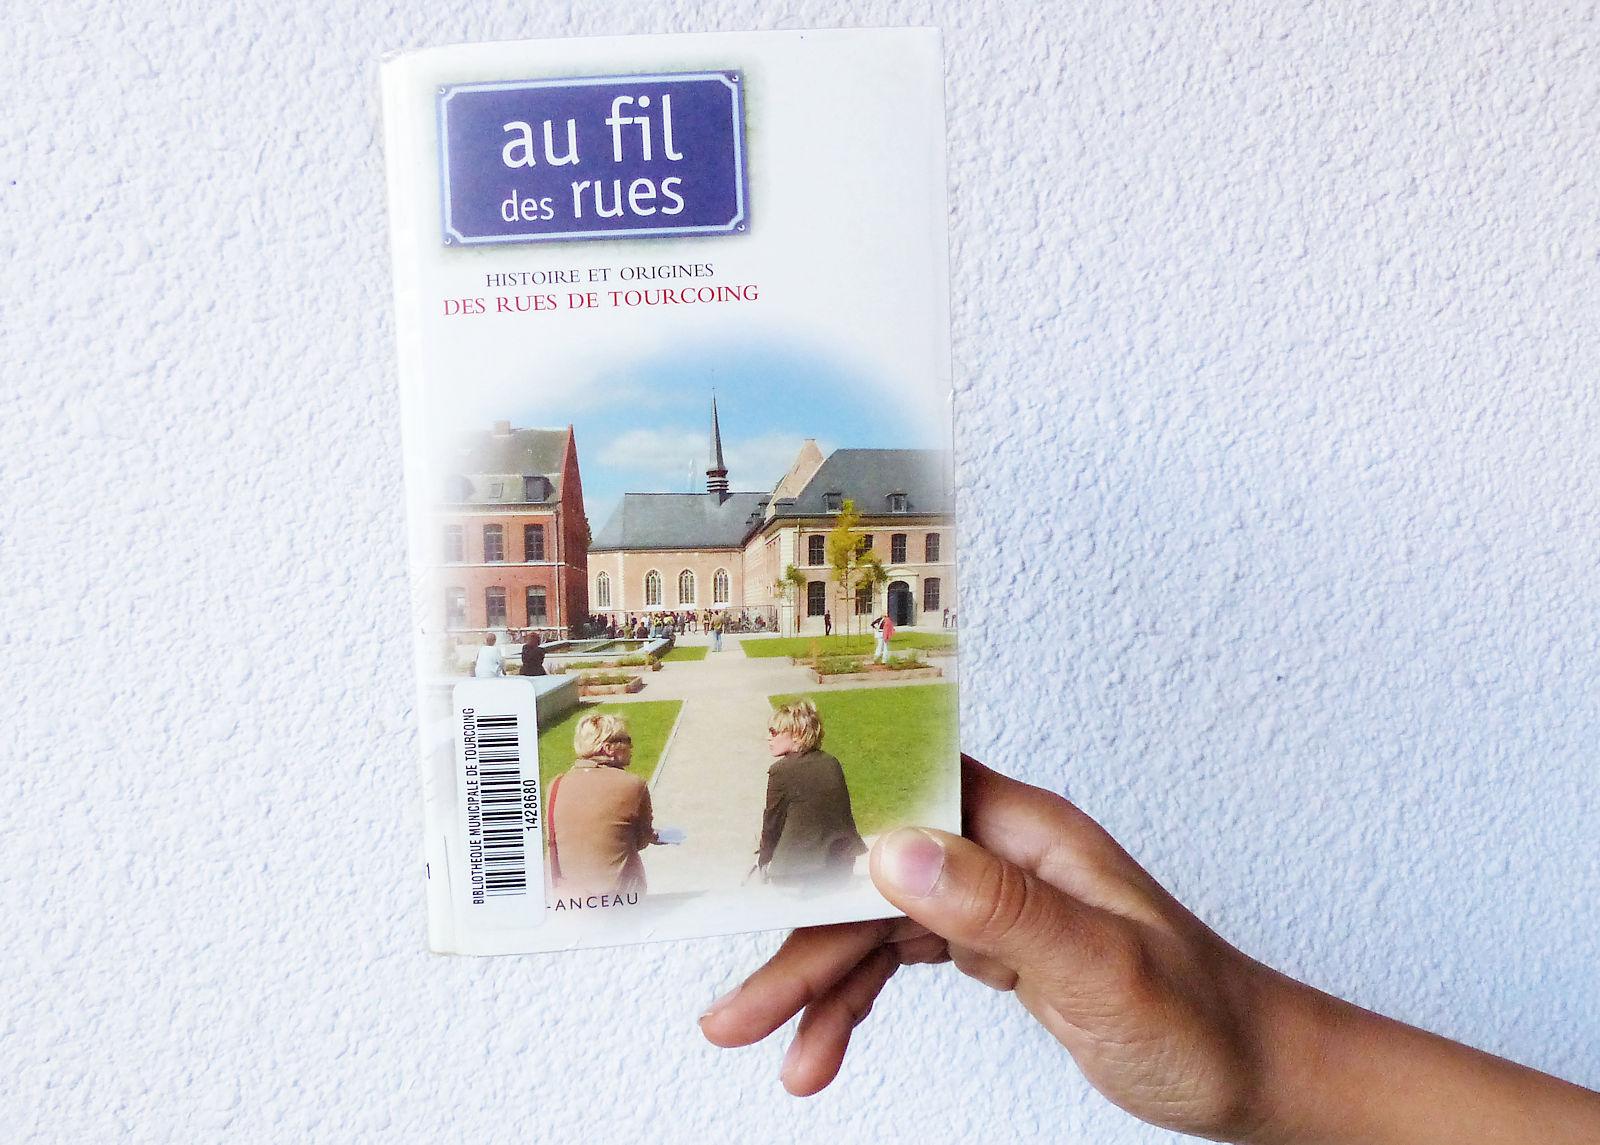 Histoire et Origines des Rues de Tourcoing - Ravet-Anceau 2007